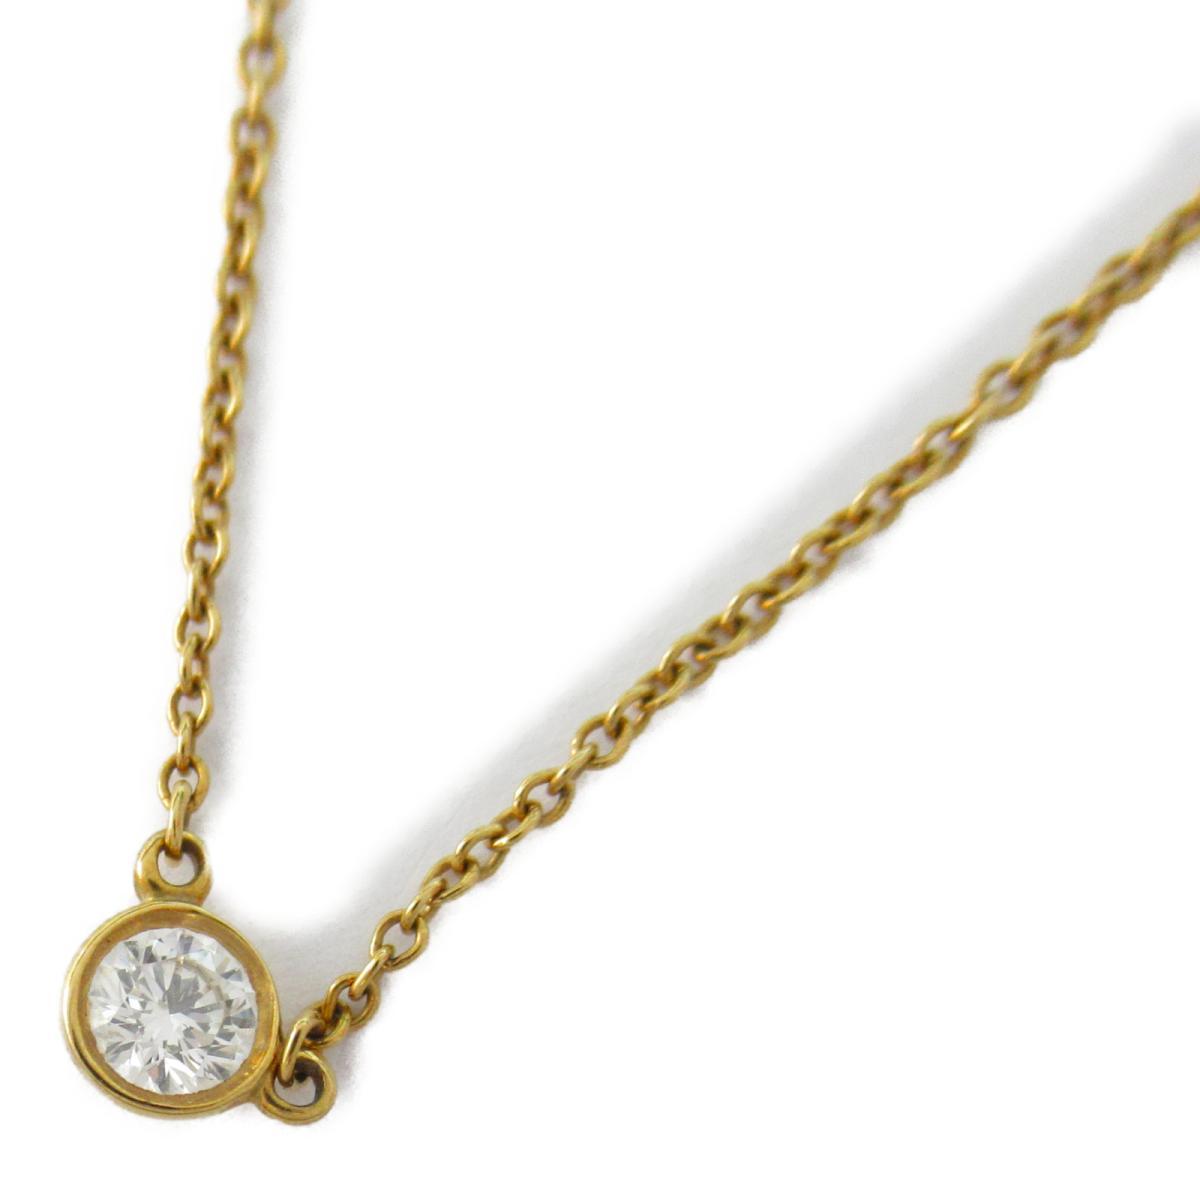 【中古】 ティファニー バイザヤードネックレス レディース K18YG (750) イエローゴールド x ダイヤモンド   TIFFANY&CO BRANDOFF ブランドオフ ブランド アクセサリー ネックレス ペンダント